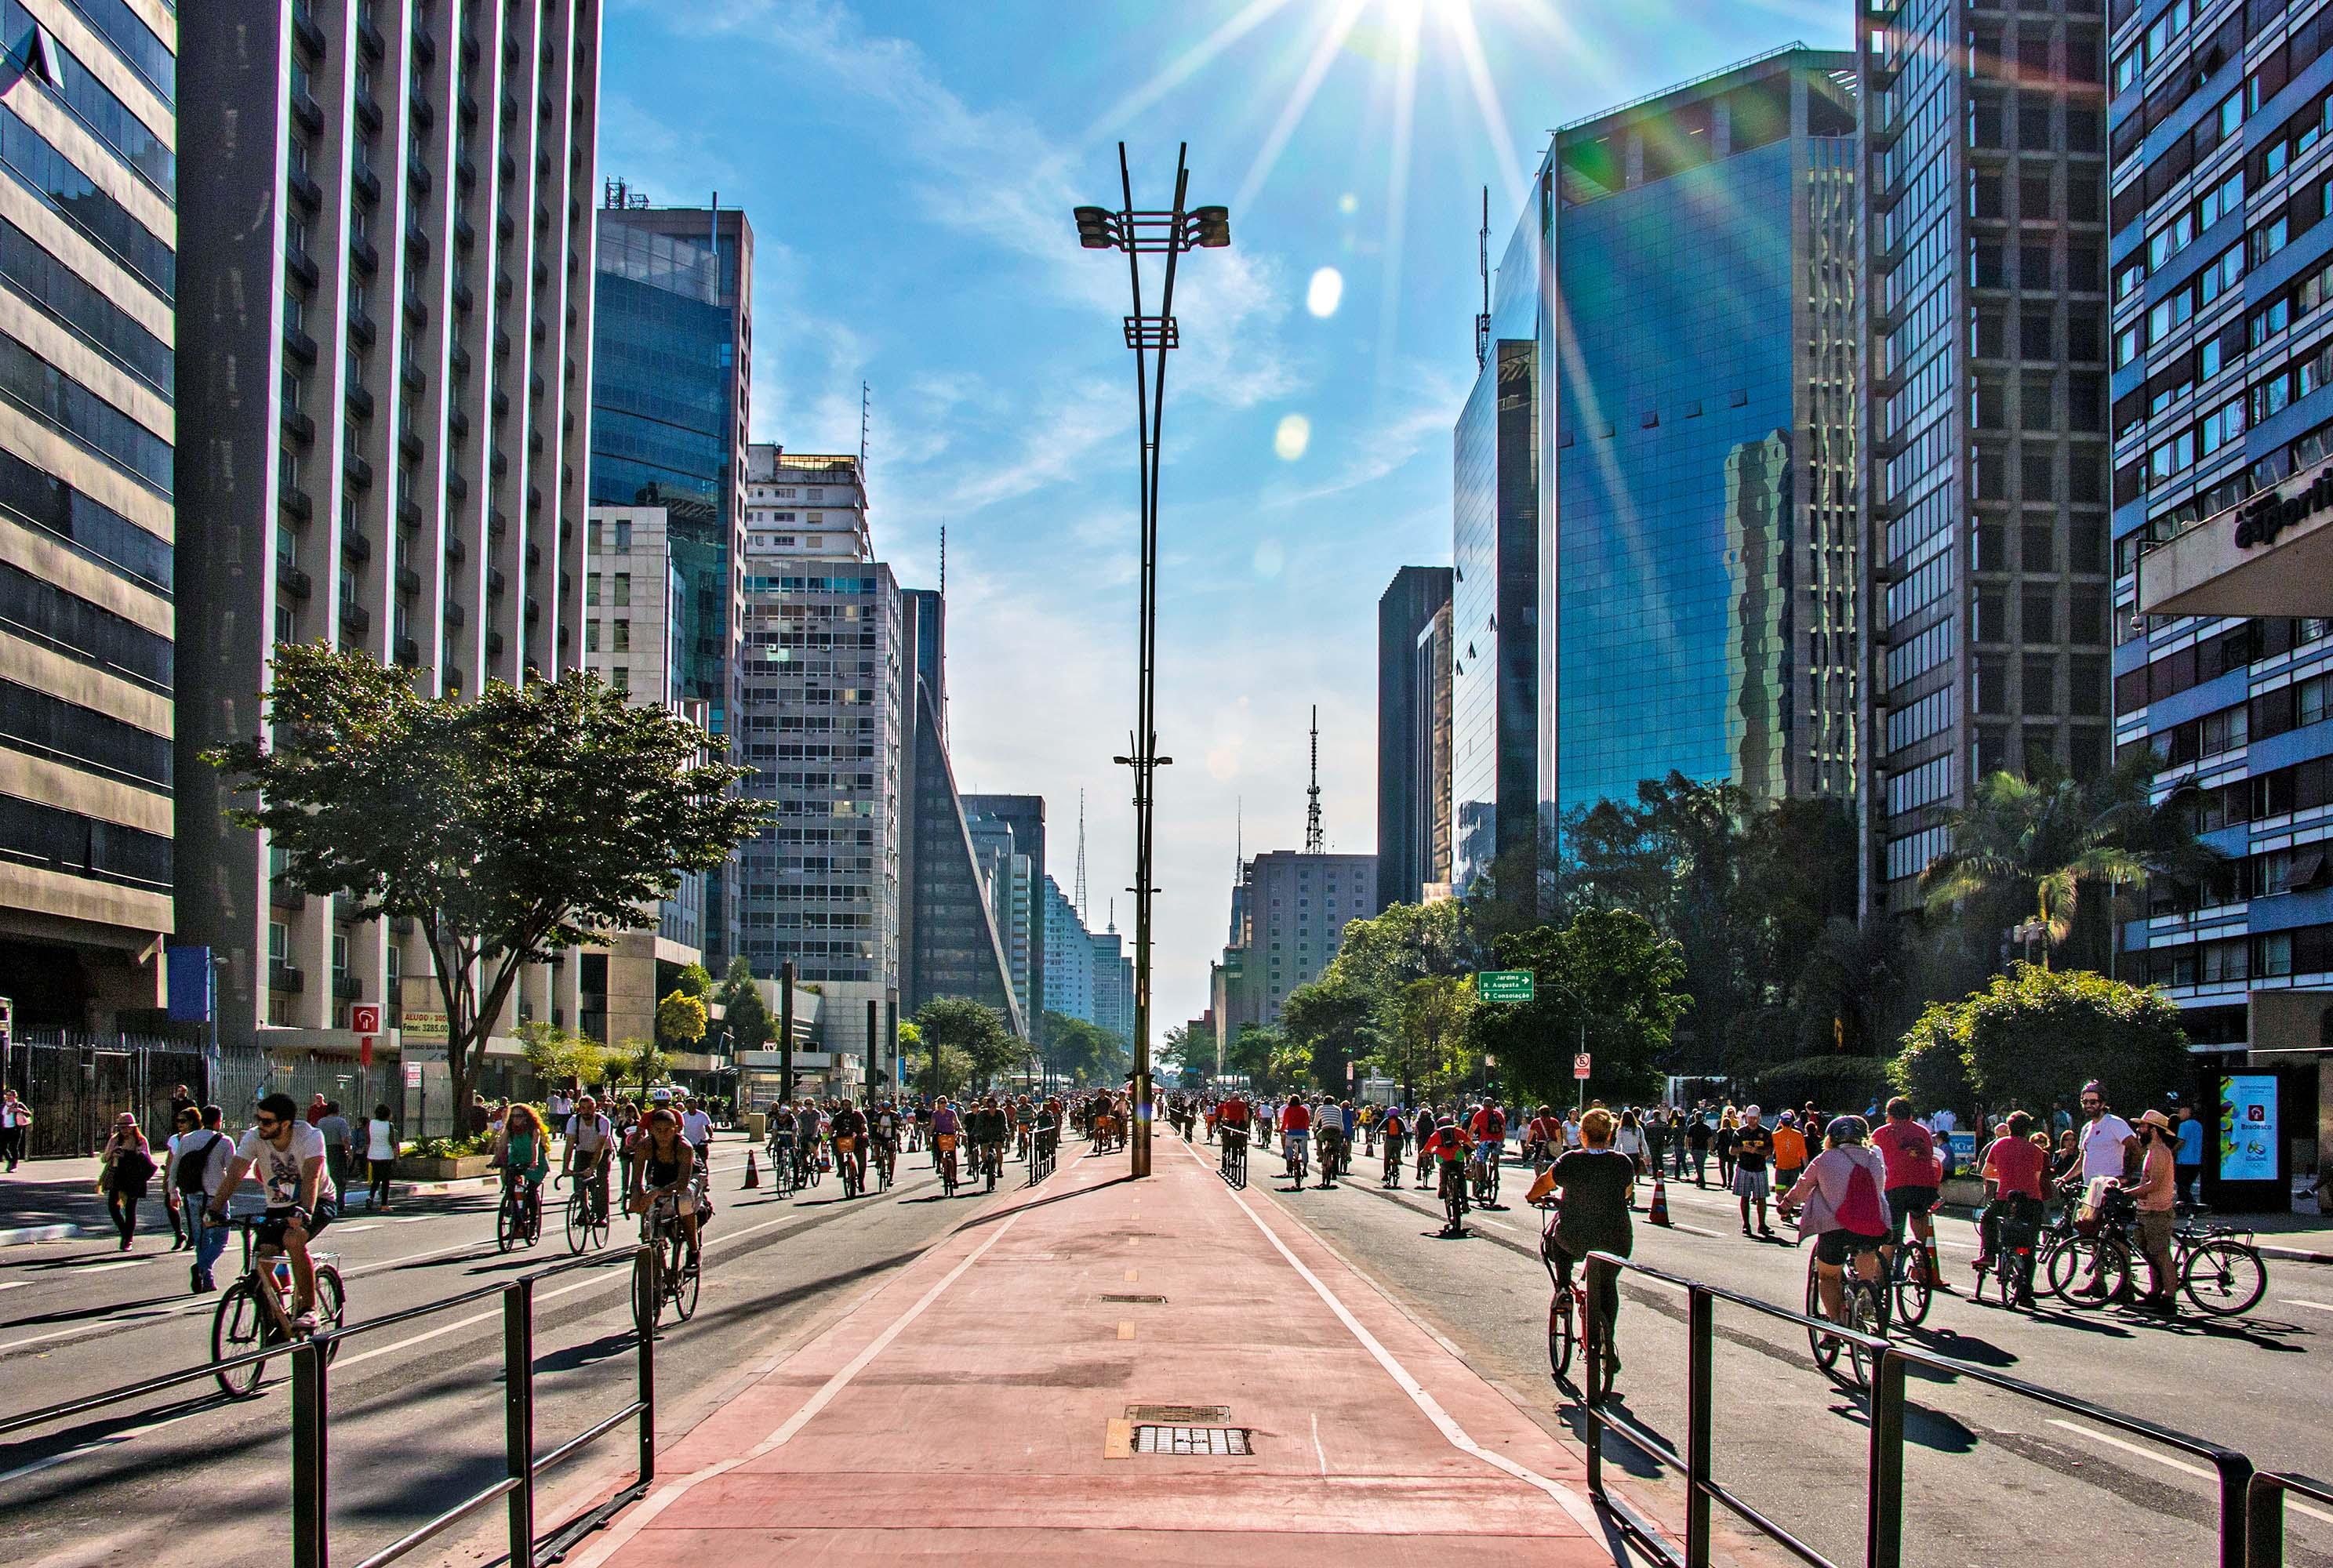 Avenida Paulista será interditada para montagem de palco | VEJA SÃO PAULO